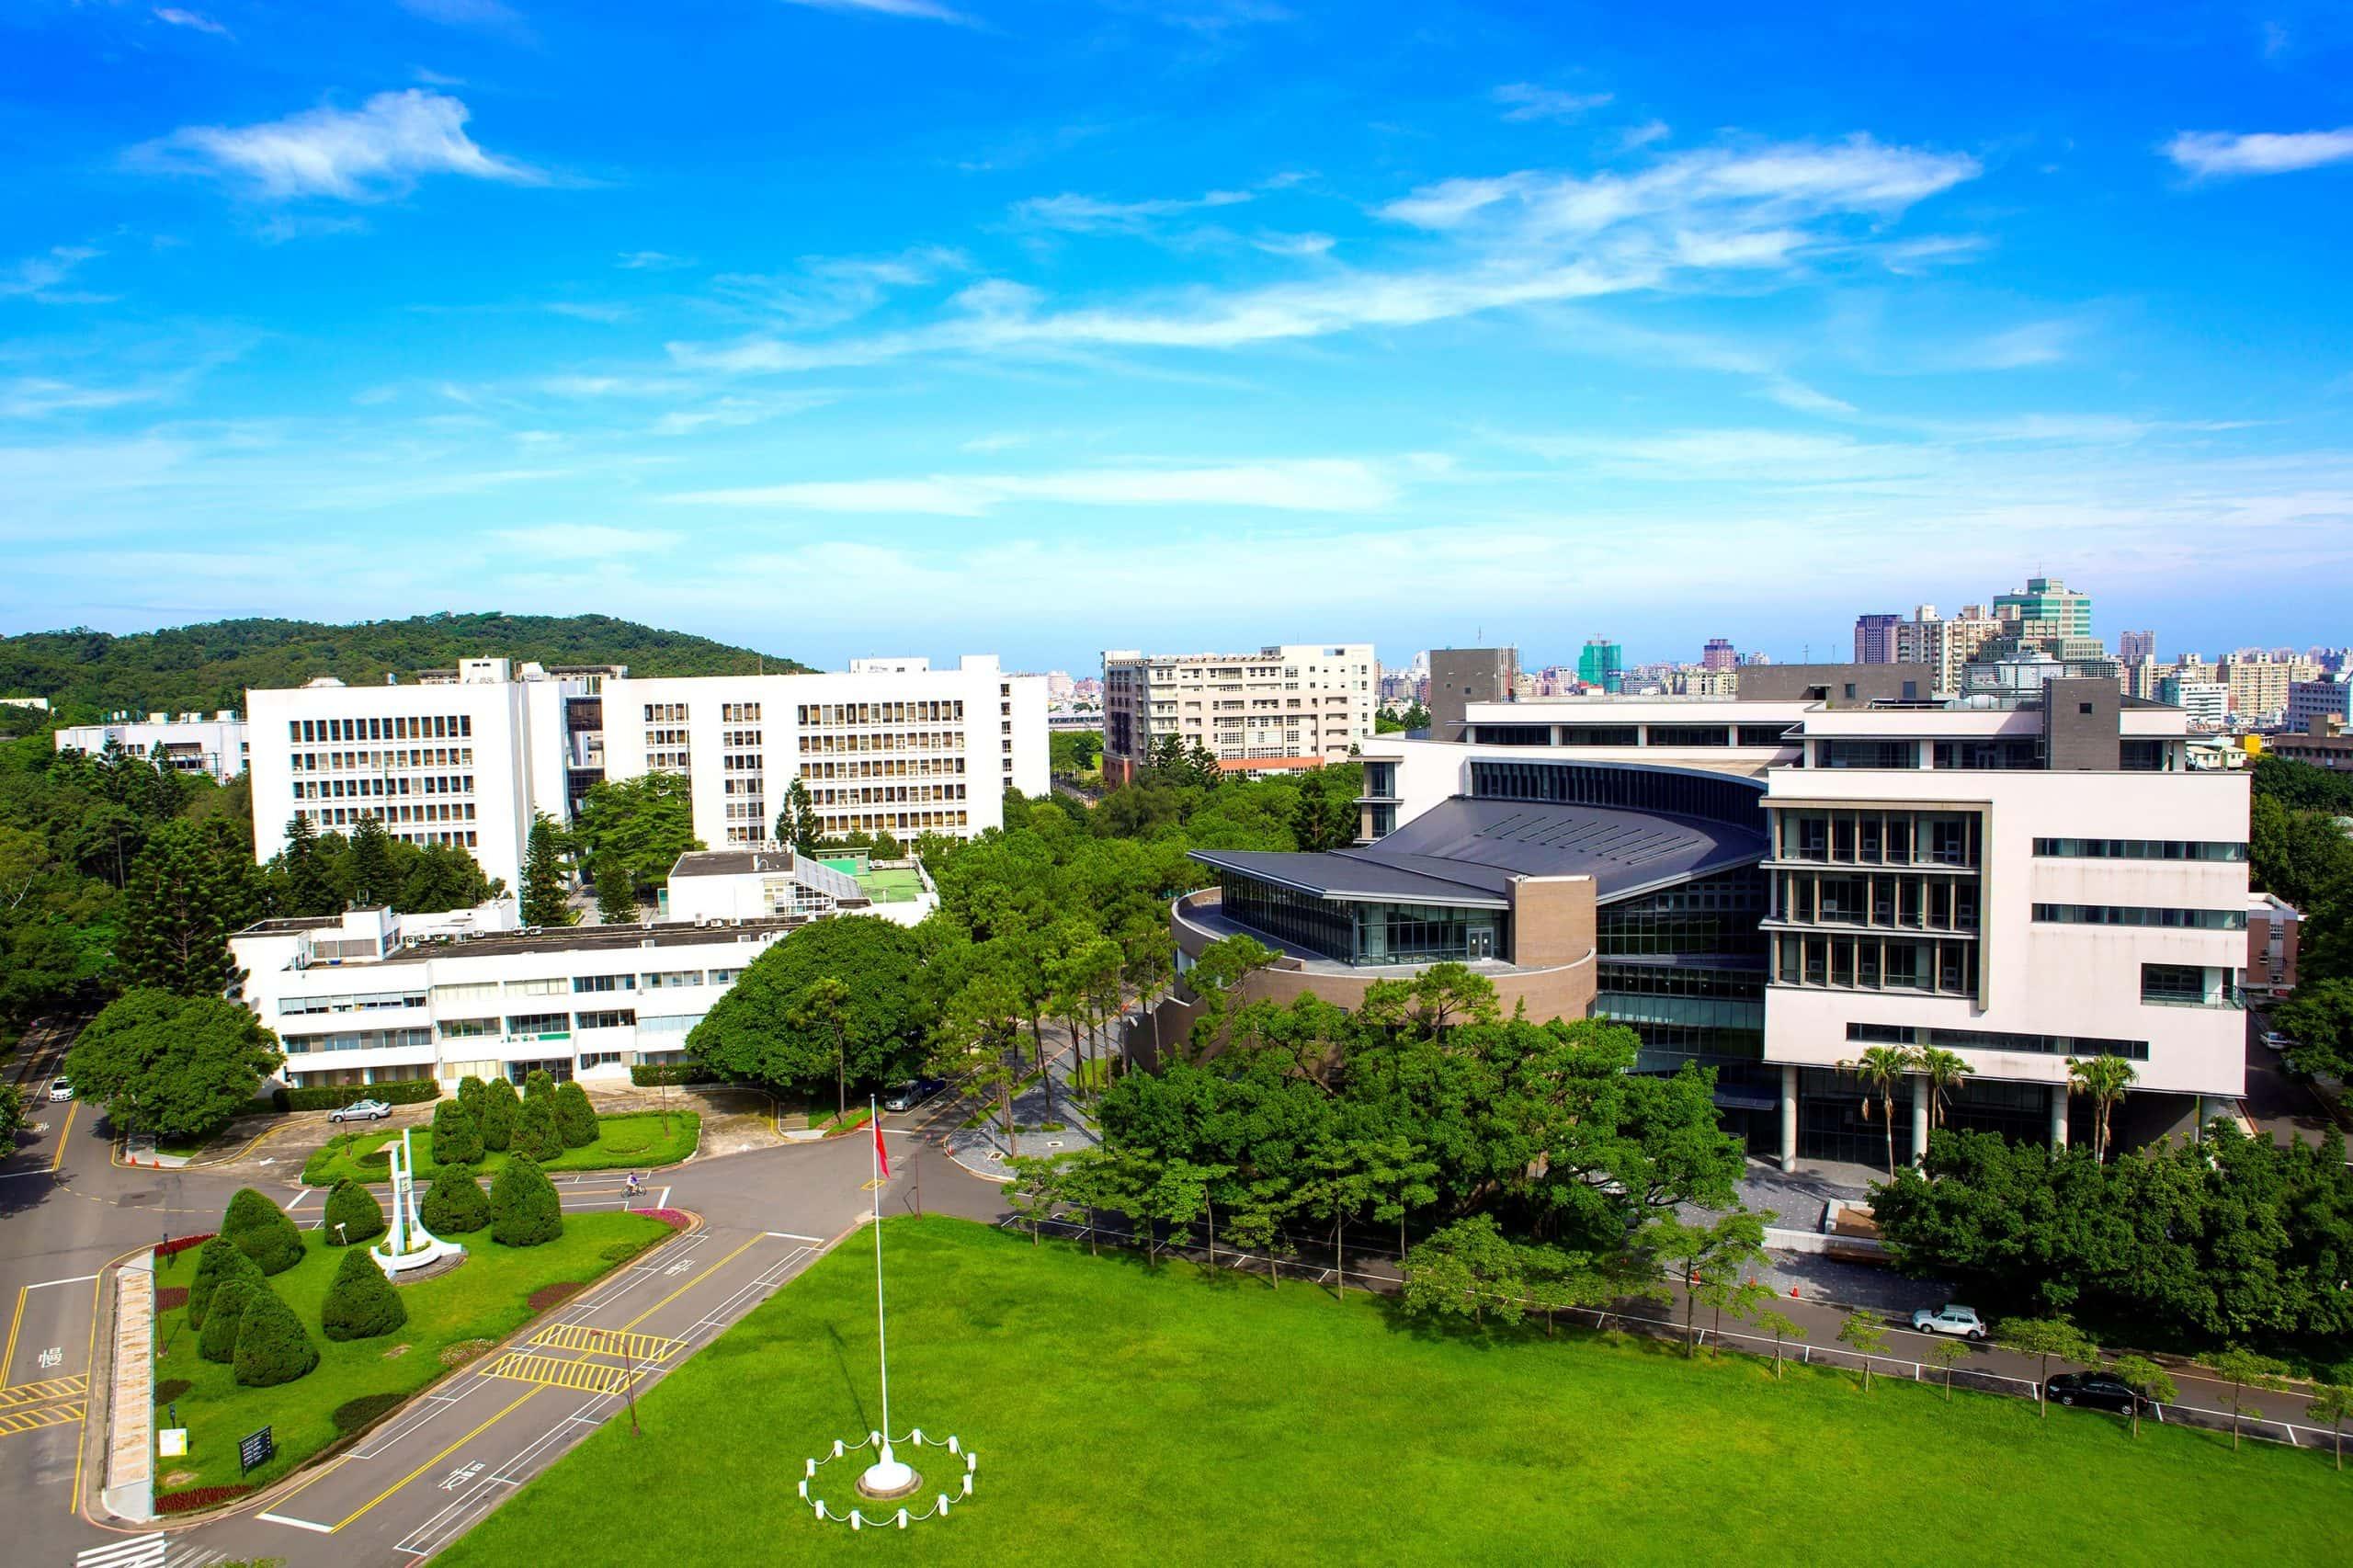 Đại học Thanh Hoa là một trong những lựa chọn hàng đầu của du học sinh.